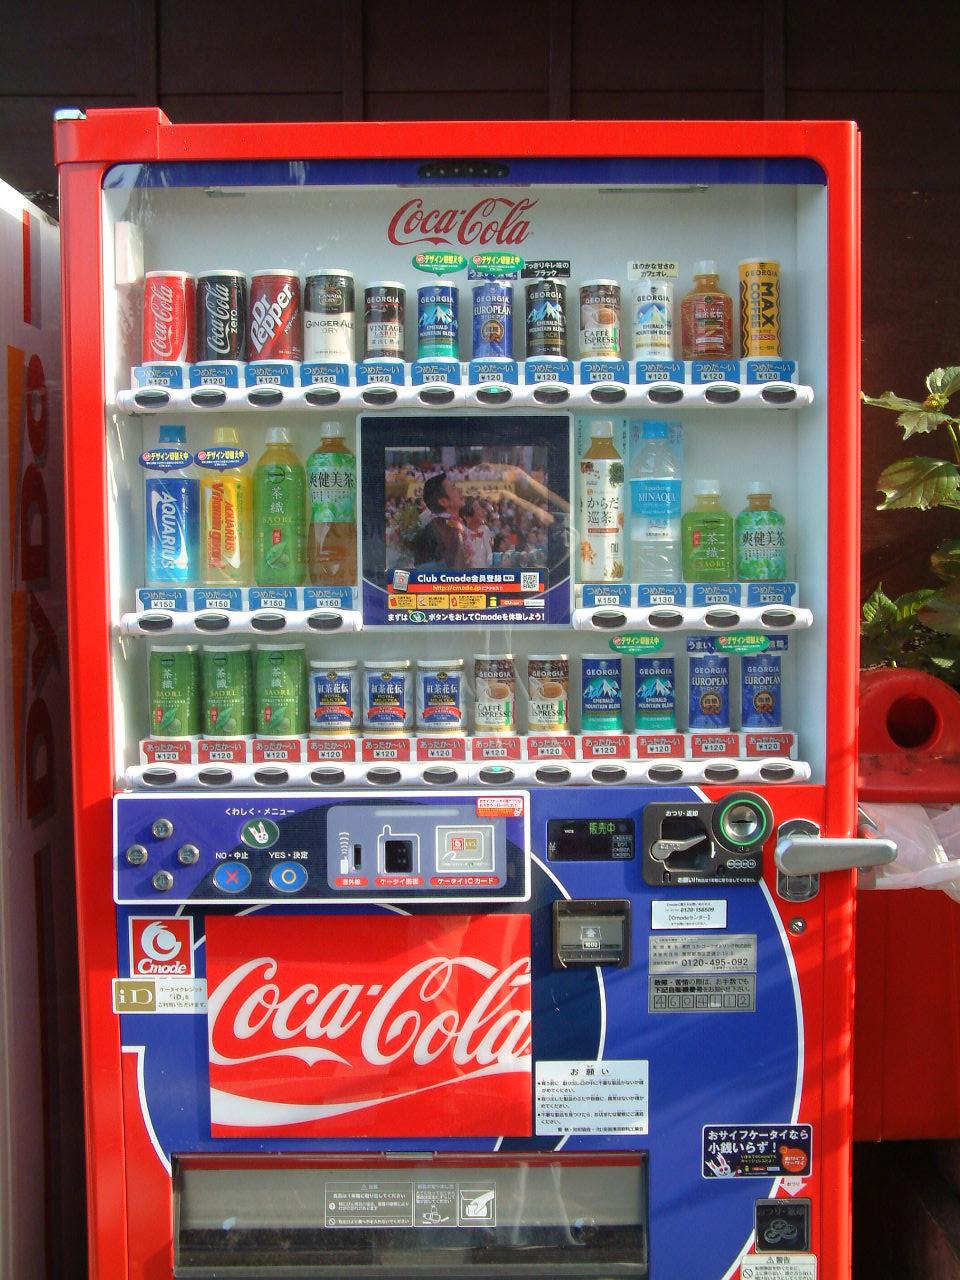 西村ひろゆきさん「自販機で缶ジュース買う奴は馬鹿。スーパーやコンビニでペットボトル買えば得なのに」 反論できる?